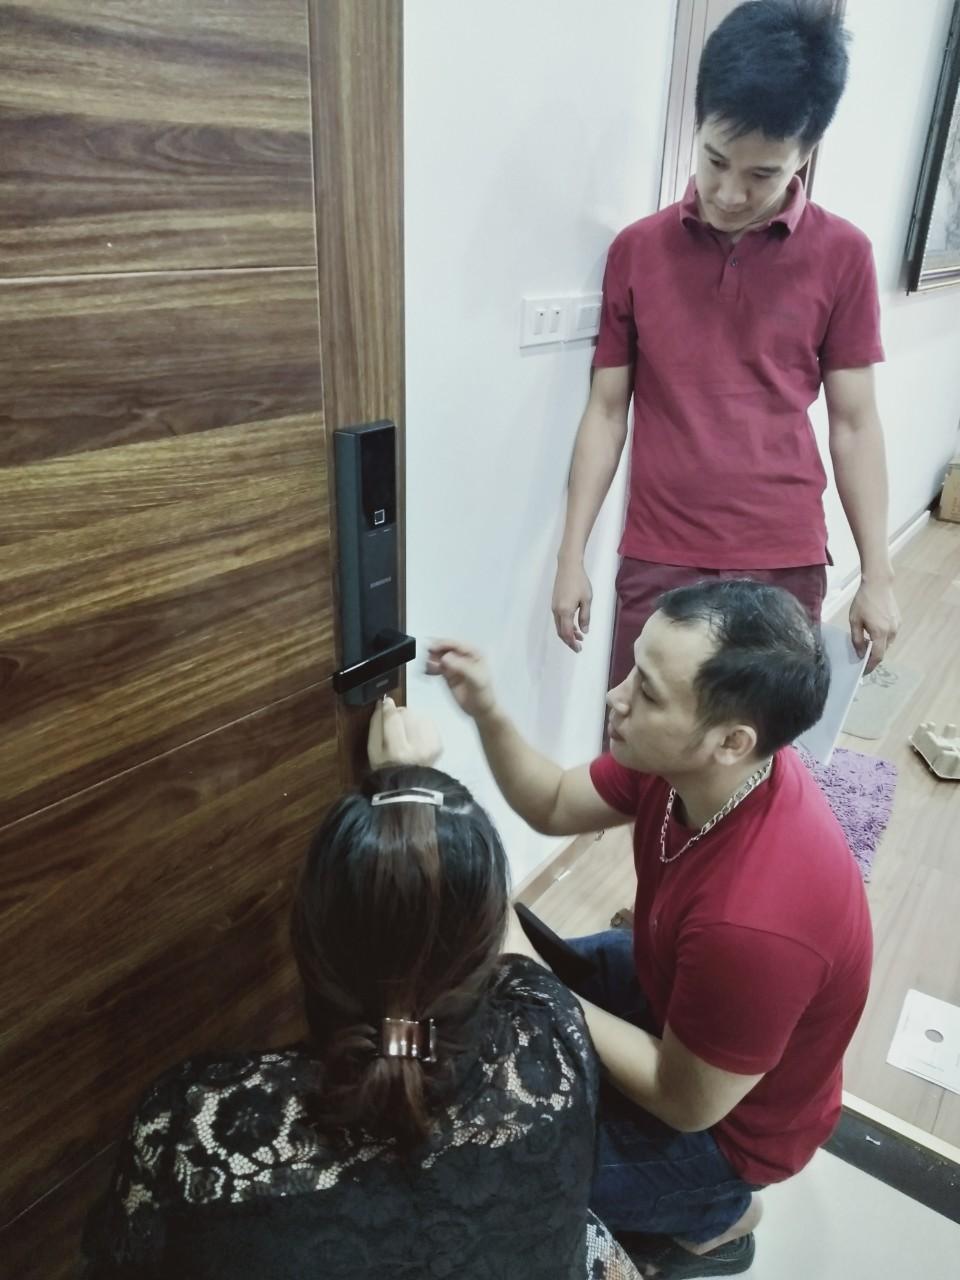 Đội ngũ nhân viên kỹ thuậtcủa Bếp Hoàng Cương có nhiều kinh nghiệm